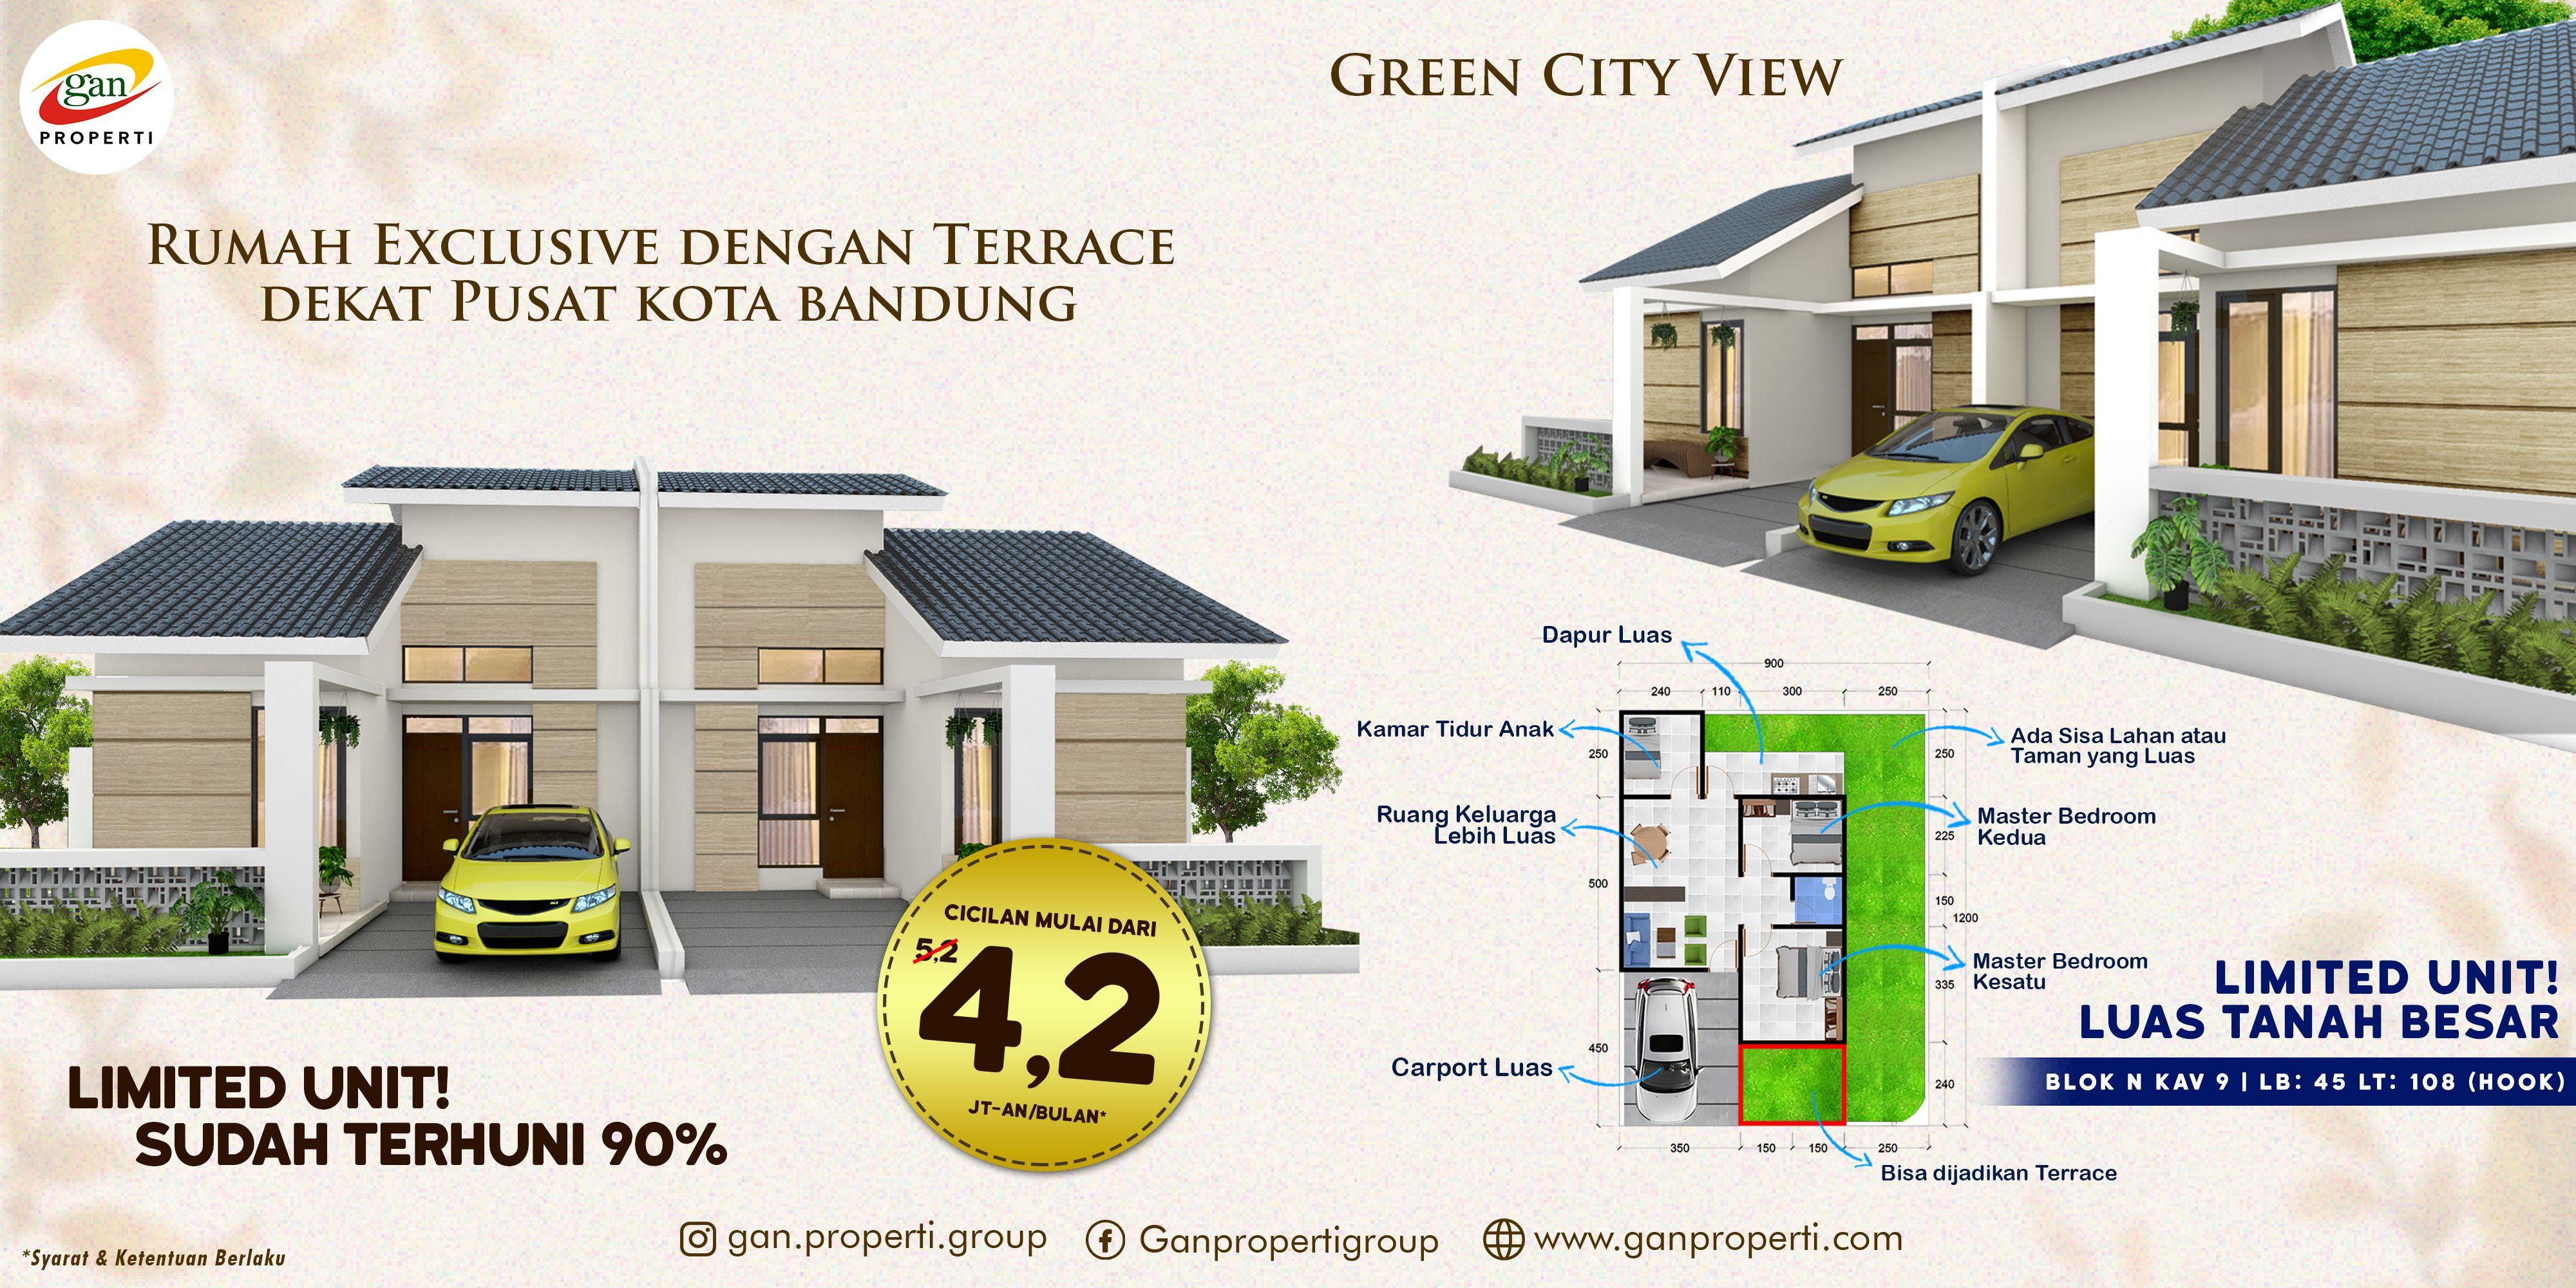 Jual Rumah Mewah Dekat Pusat Kota Bandung Cikadut Mandalajati Cicaheum Jatihandap Harga Terjangkau Kota Bandung Rumah Mewah Kota